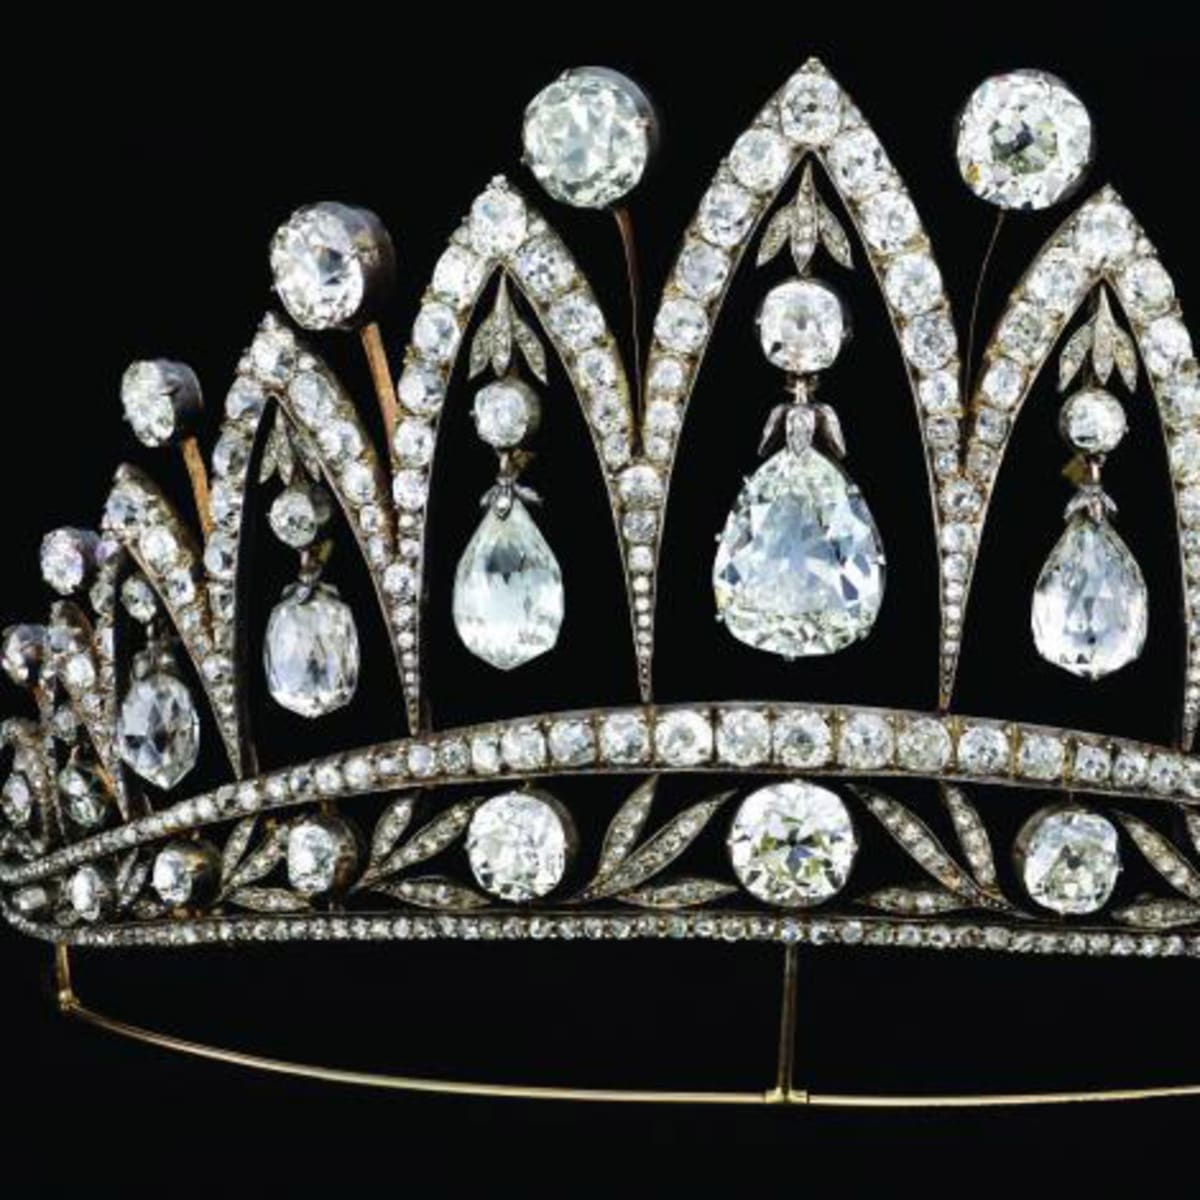 Fabergé: A Brilliant Vision